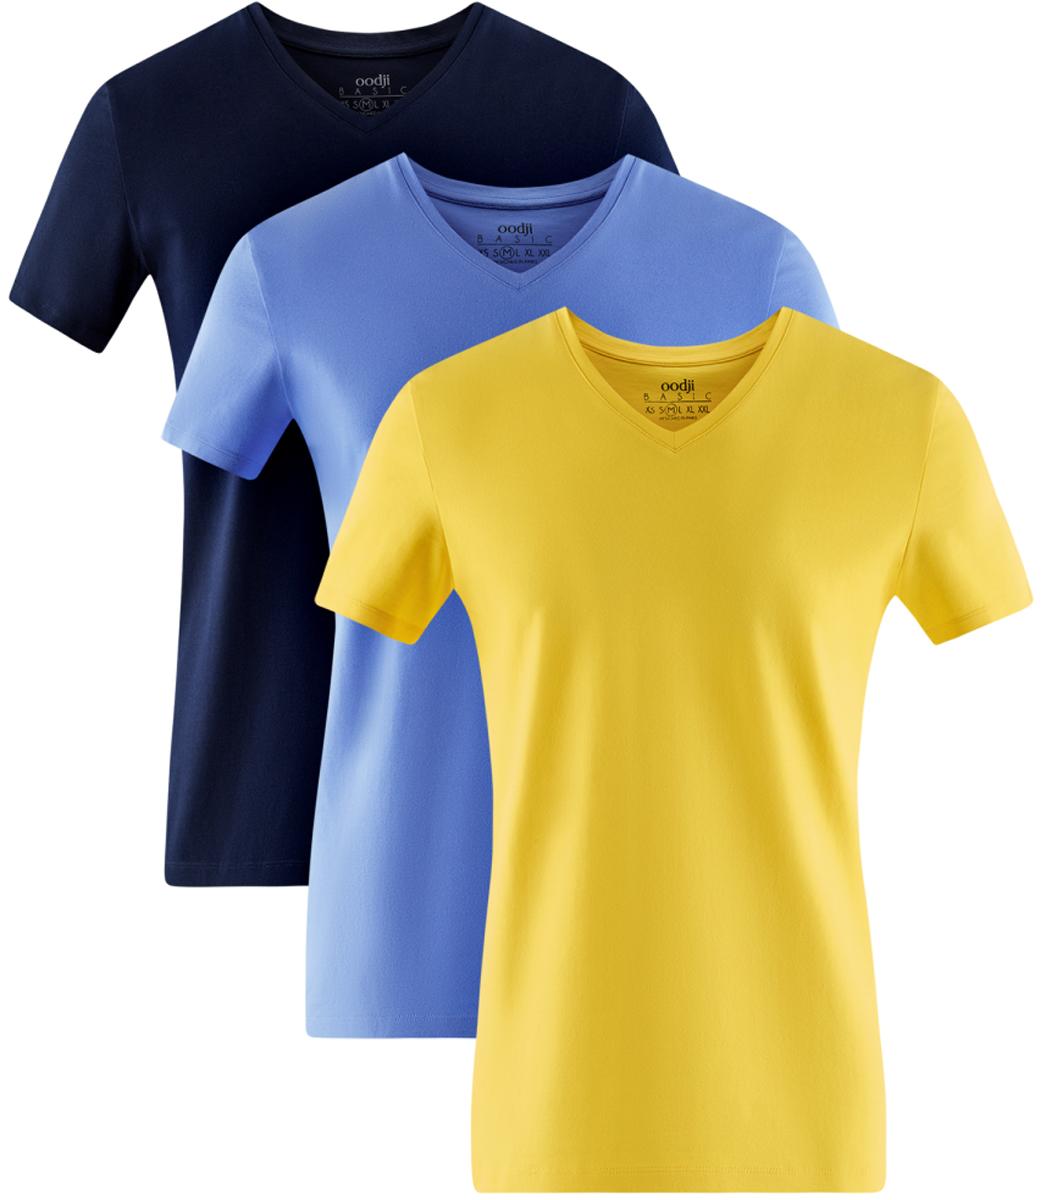 Футболка мужская oodji Basic, цвет: темно-синий, голубой, желтый, 3 шт. 5B612002T3/46737N/1901N. Размер S (46/48)5B612002T3/46737N/1901NМужская базовая футболка от oodji выполнена из эластичного хлопкового трикотажа. Модель с короткими рукавами и V-образным вырезом горловины. В комплект входит три футболки.